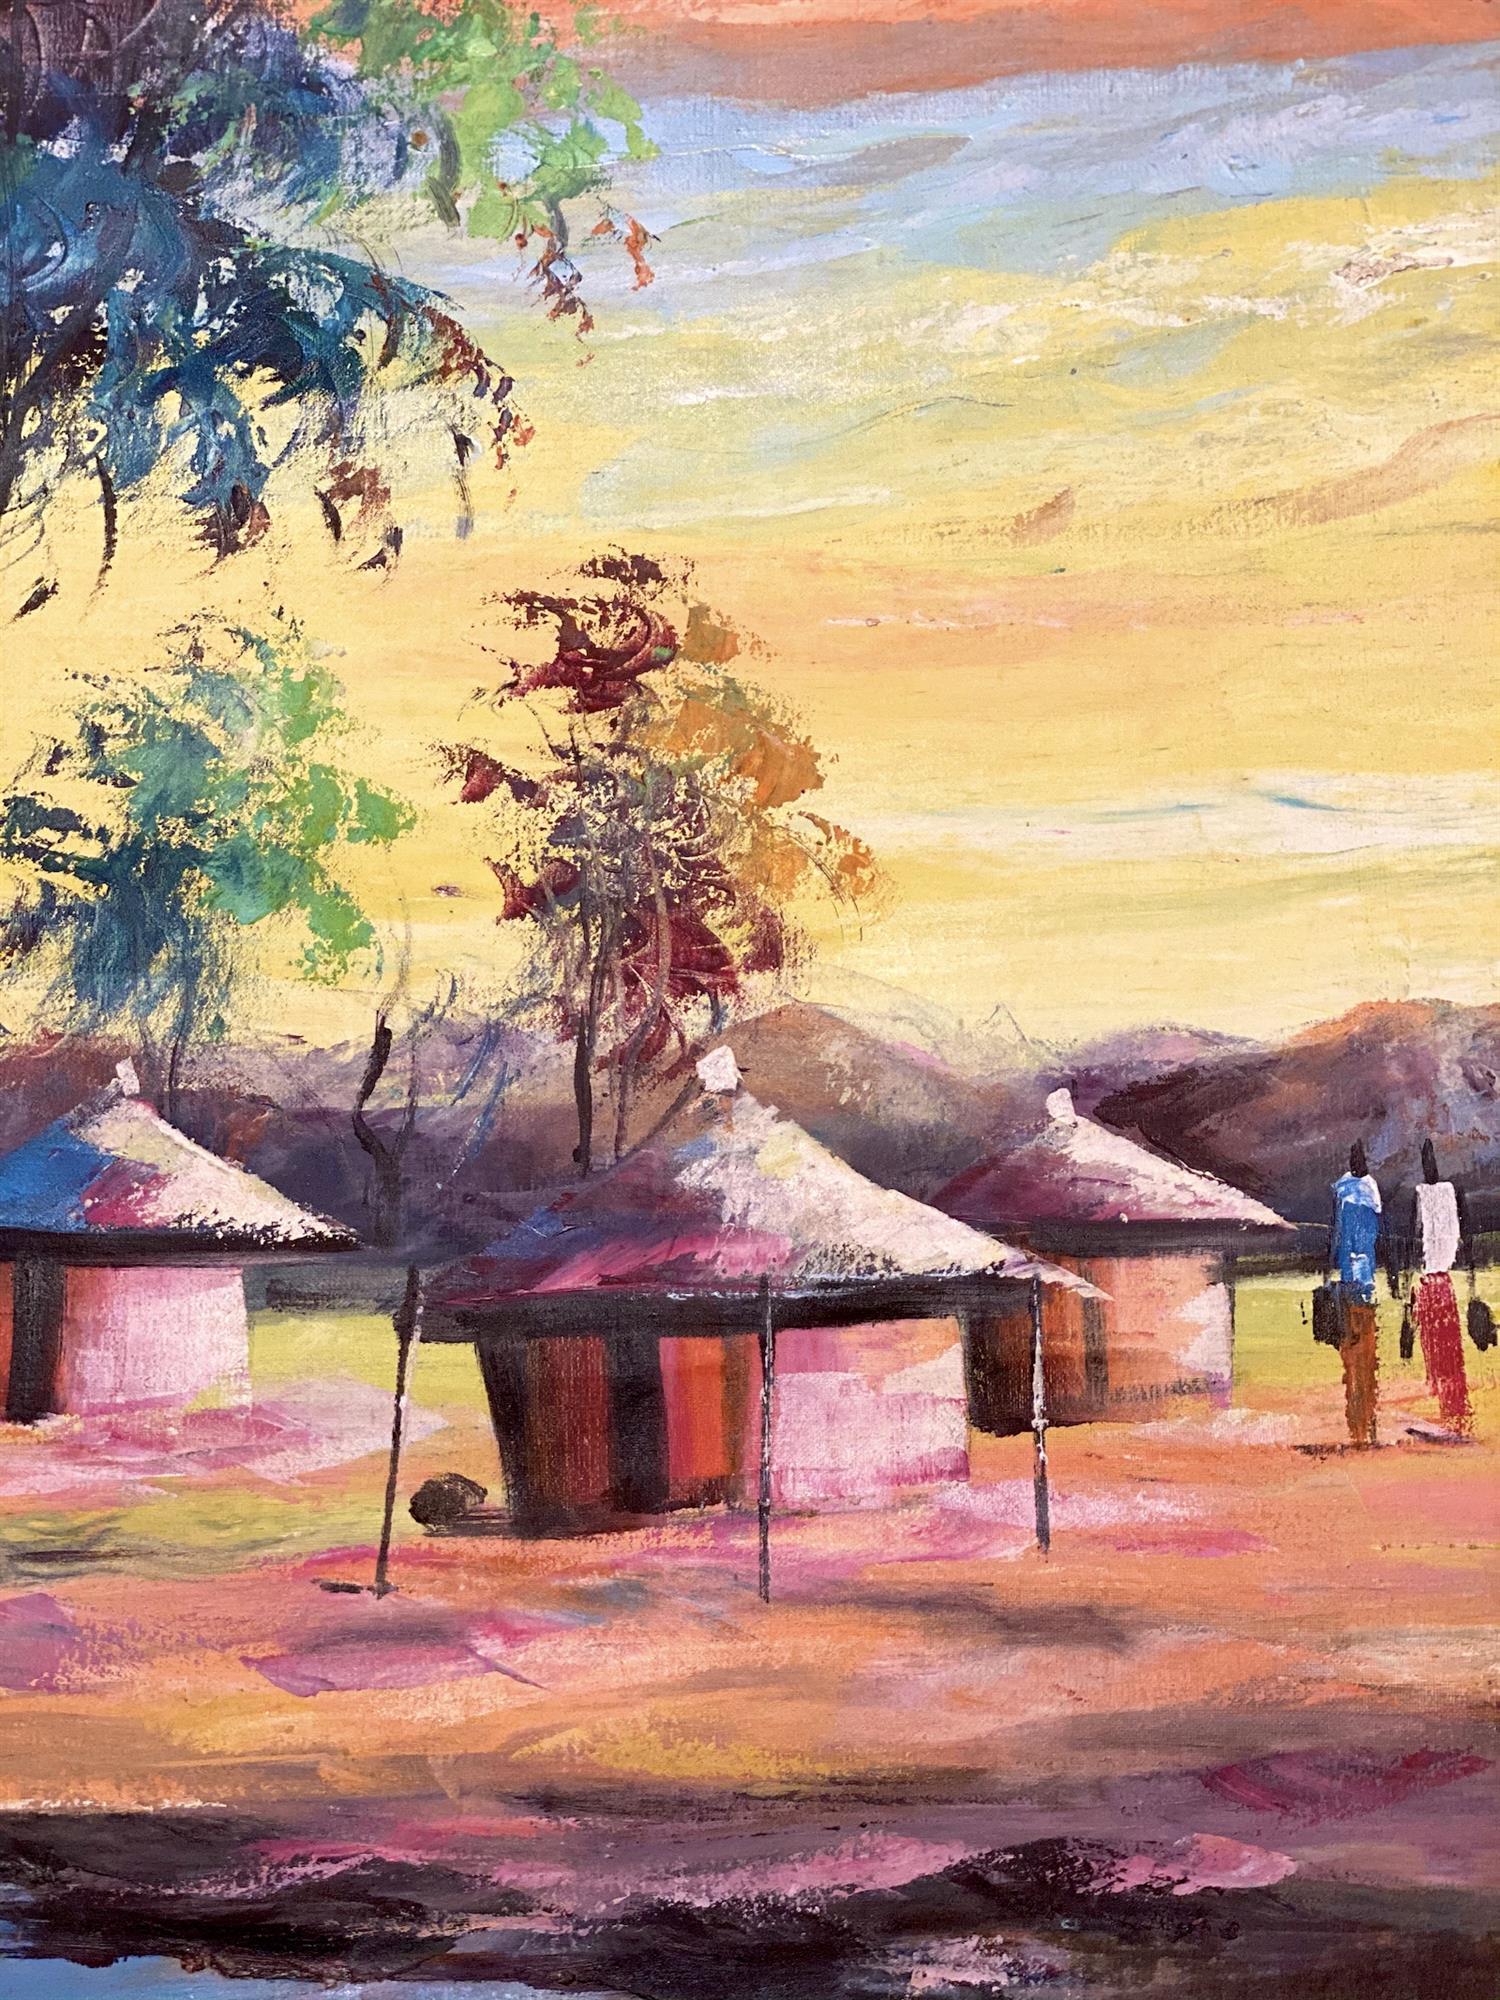 Maleri, afrikanske hytter, detaljer